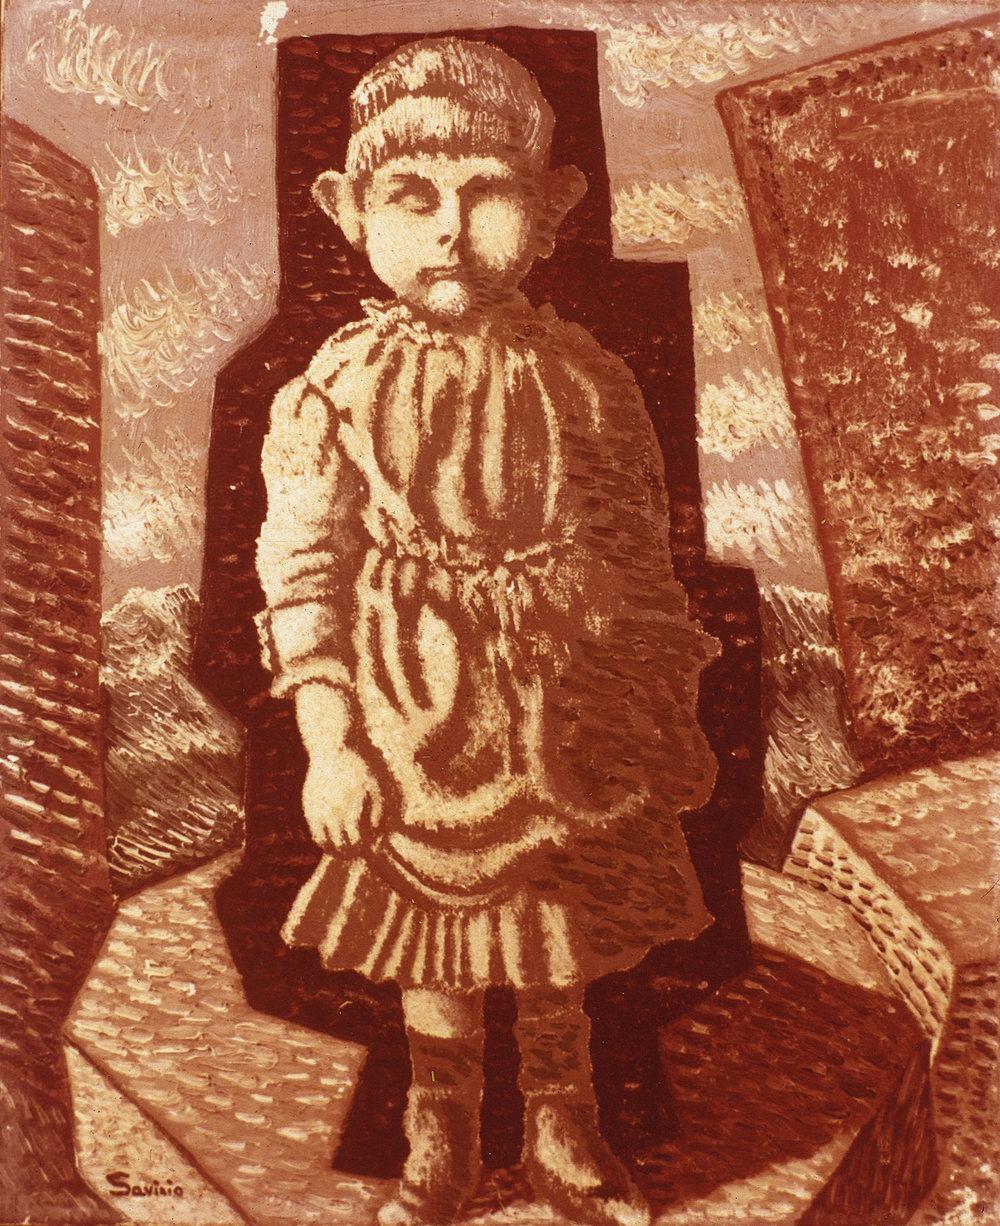 1927, 12, p.34, Ritratto di bambino